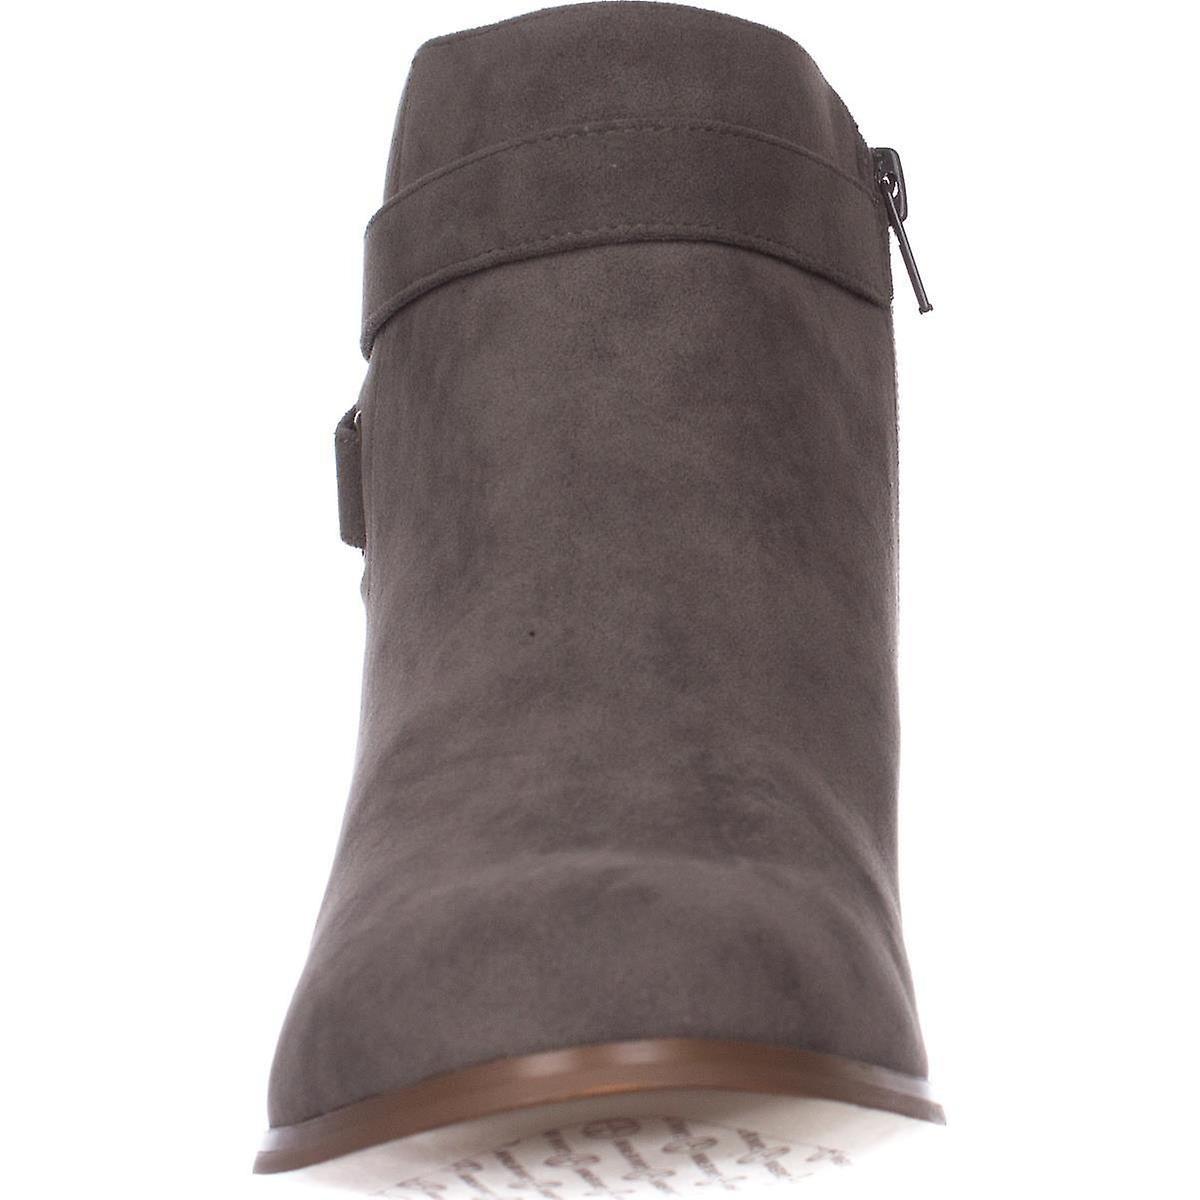 Giani Bernini Womens Oleesia Fermé Toe Ankle Fashion Boots